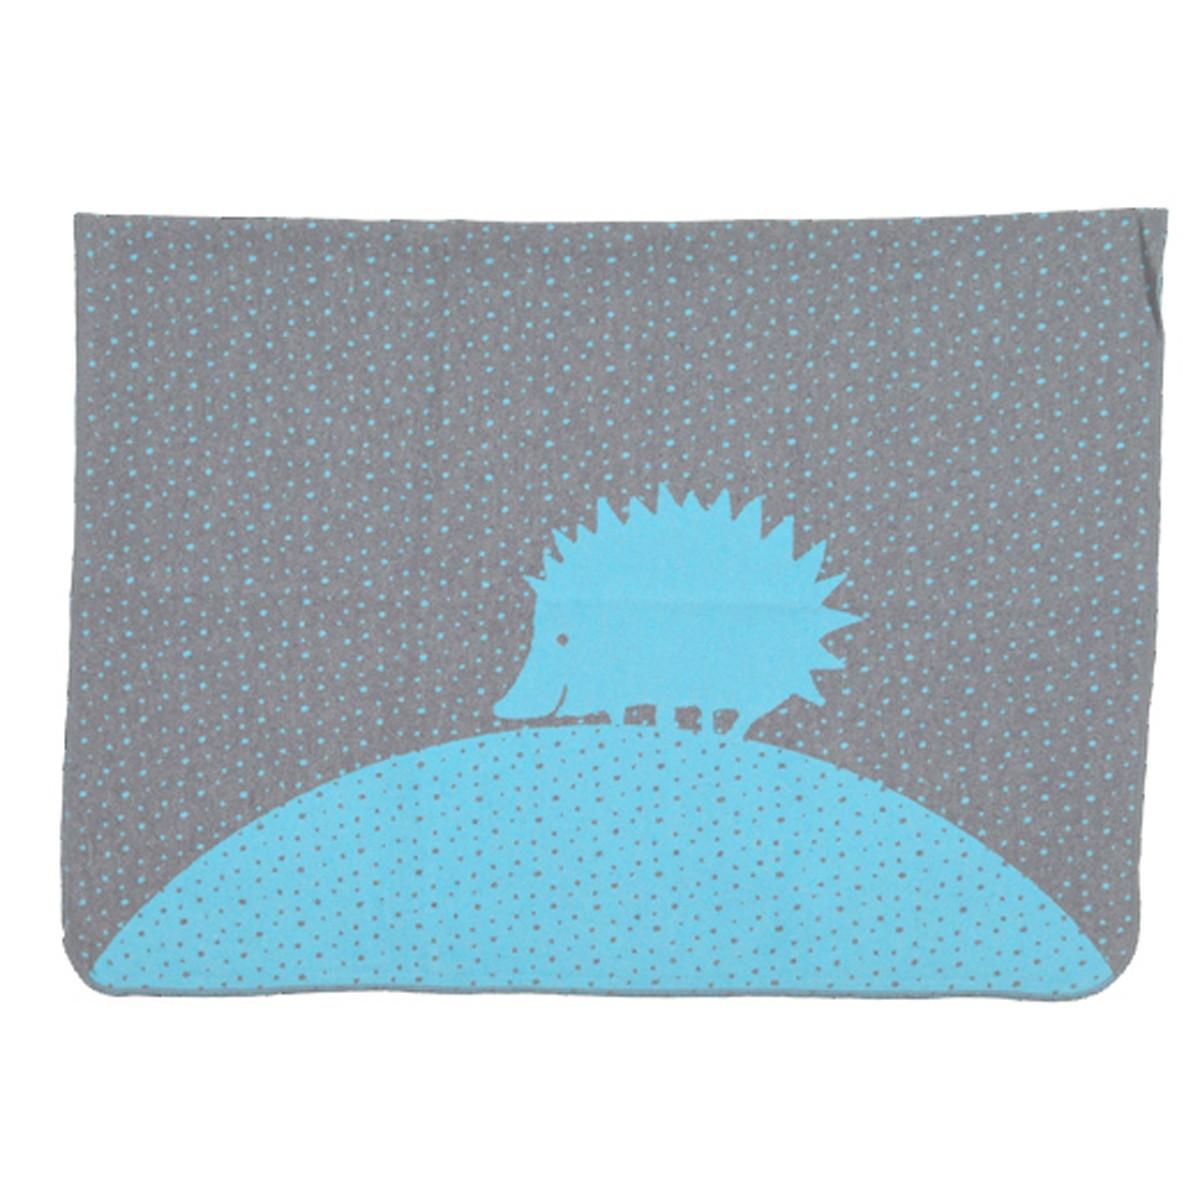 Κουβέρτα Fleece Κούνιας David Fussenegger Juwel 6737/90 home   βρεφικά   κουβέρτες βρεφικές   κουβέρτες fleece